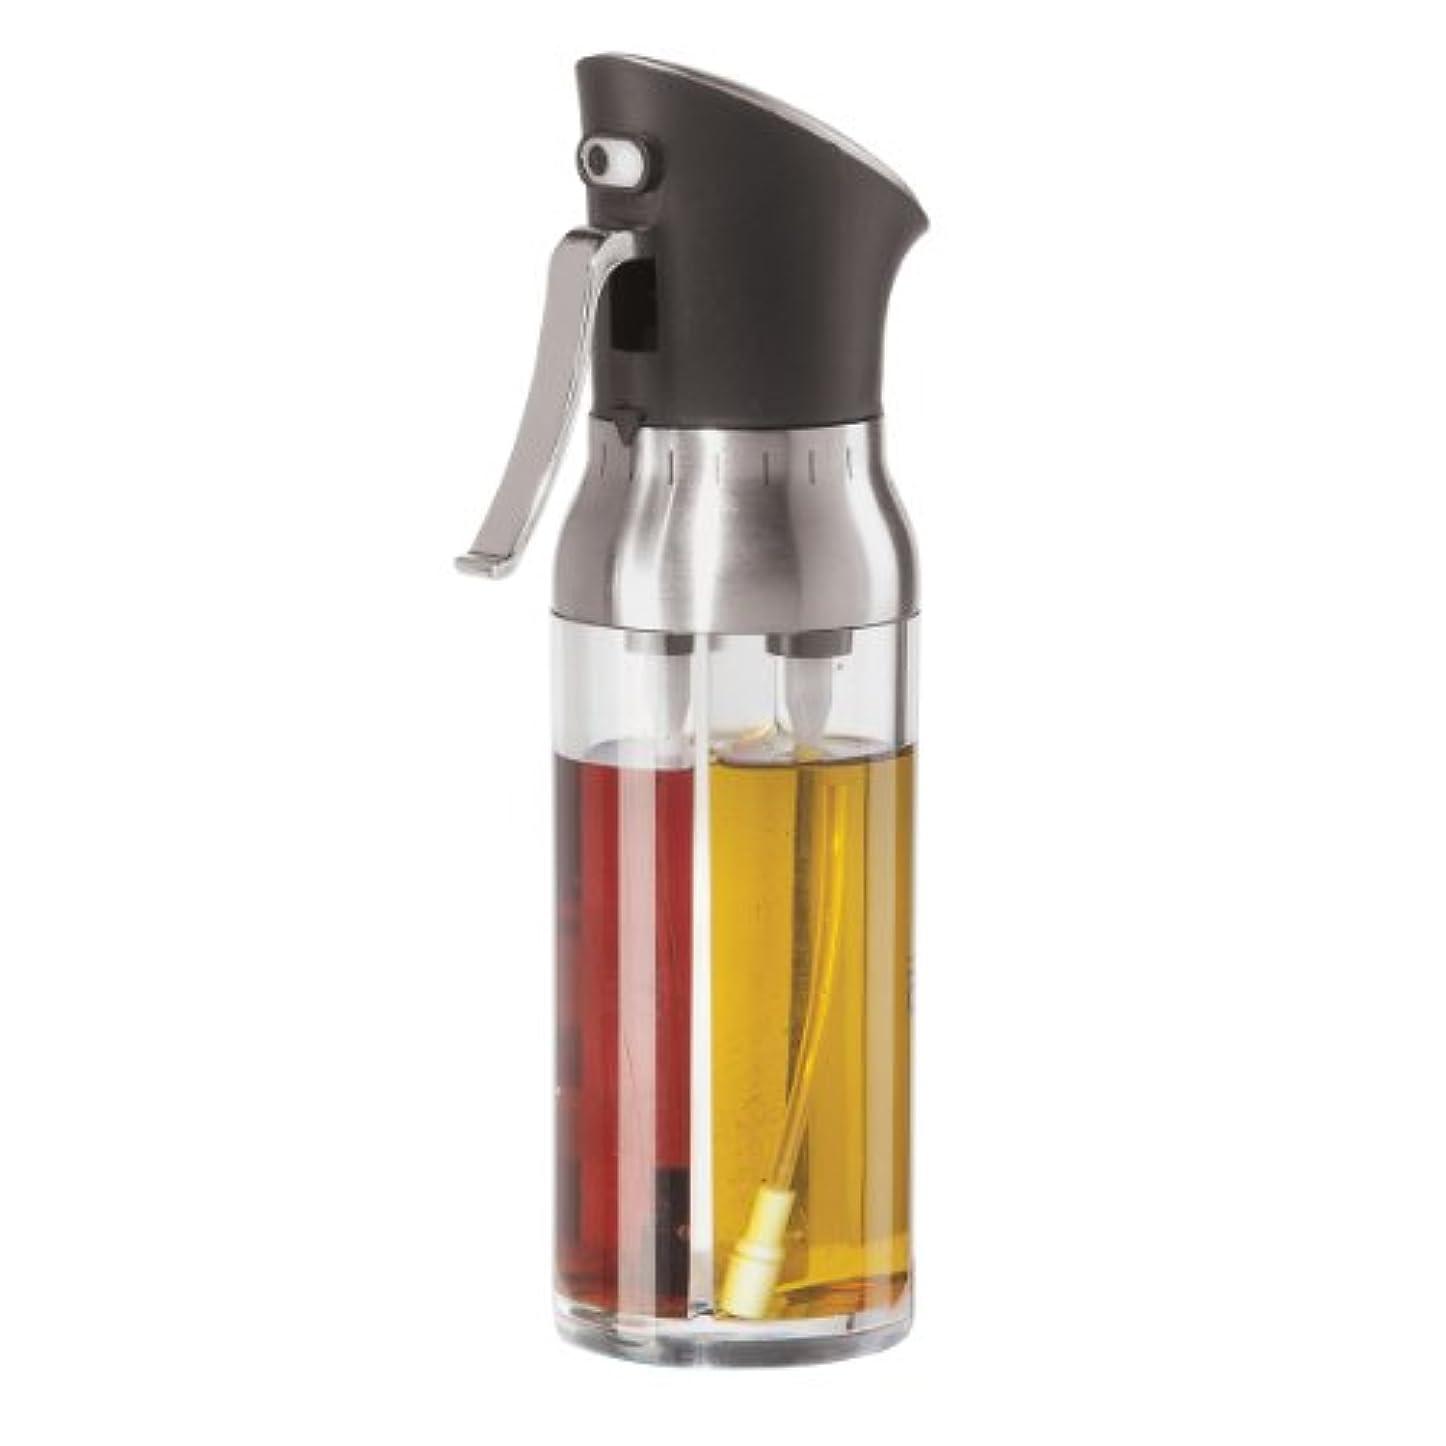 胚シロクマ公平なOggi 6004 Mix and Mist Combination Oil and Vinegar Spray Bottle